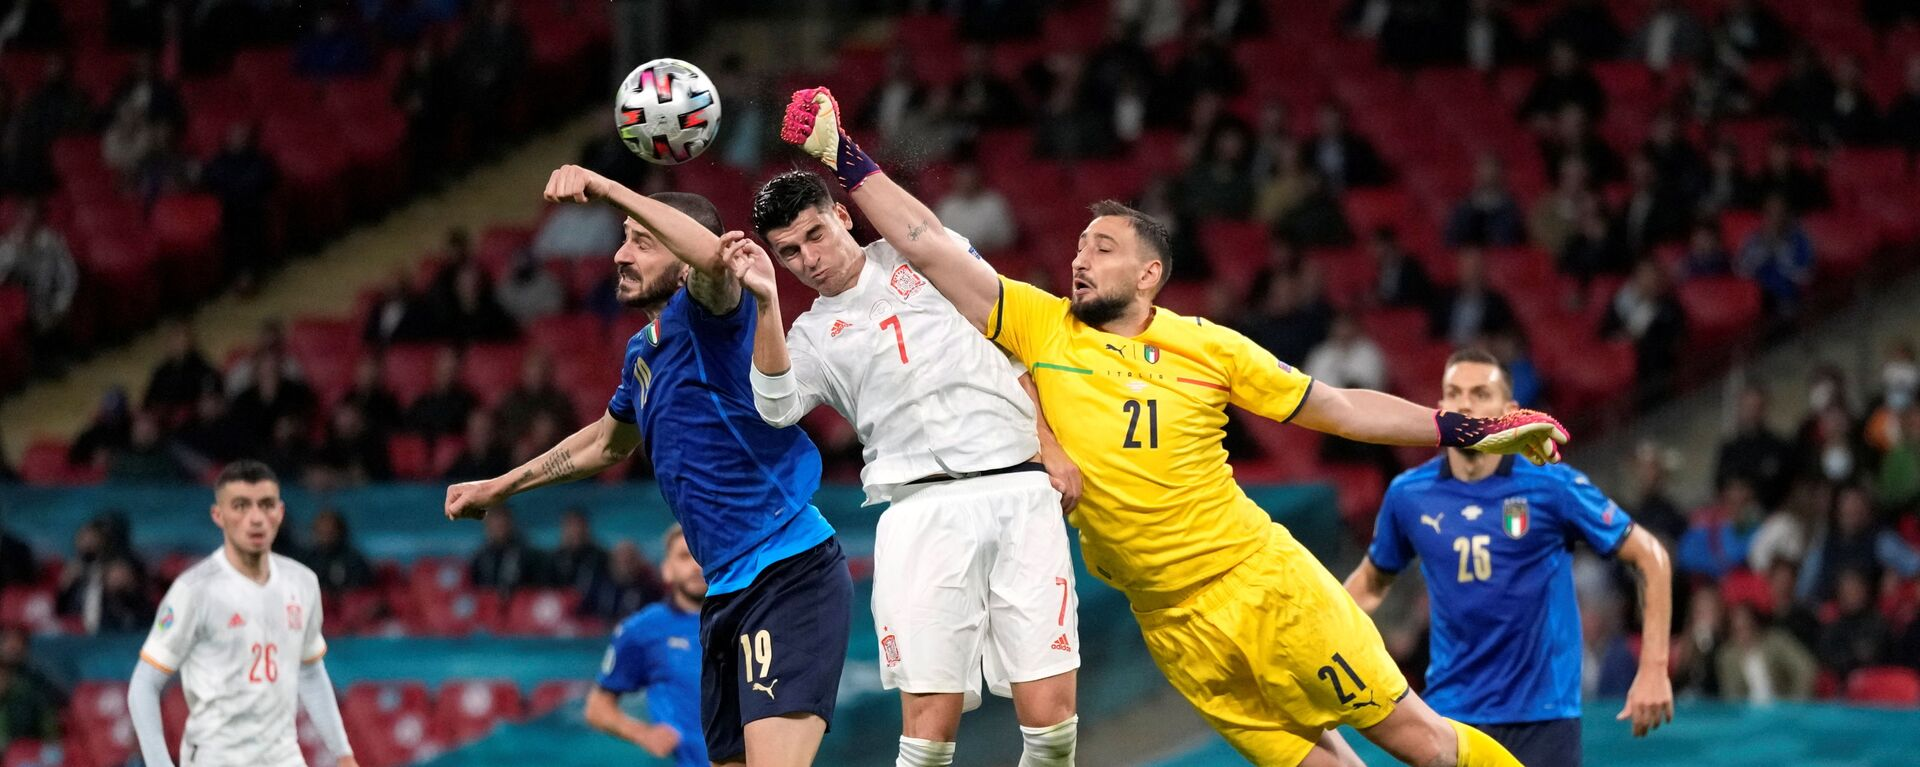 Матч сборных Италии и Испании на Евро-2020 - Sputnik Italia, 1920, 07.07.2021